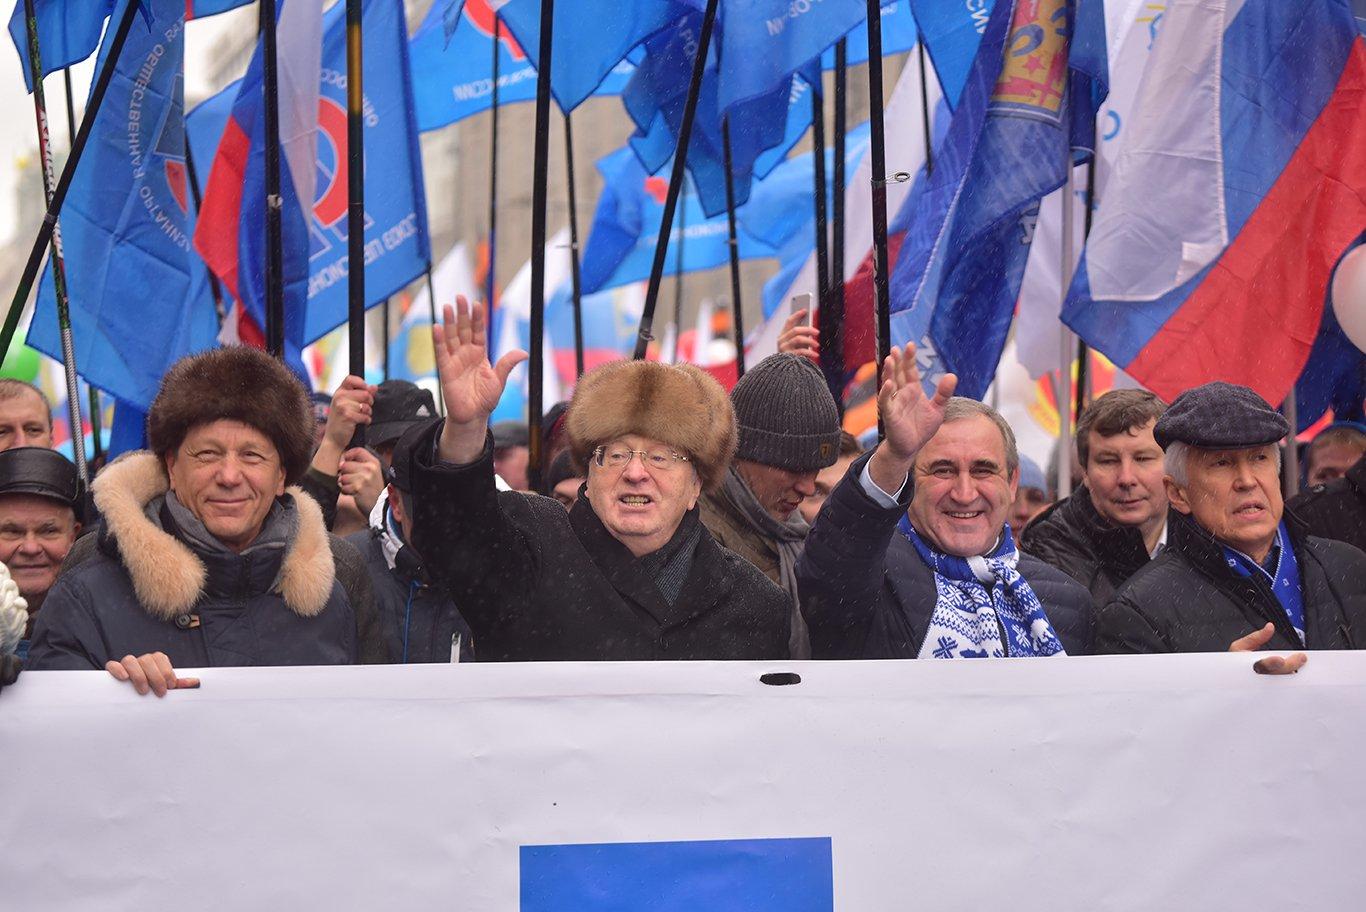 80 тыс. человек пришли на шествие в День народного единства в Москве